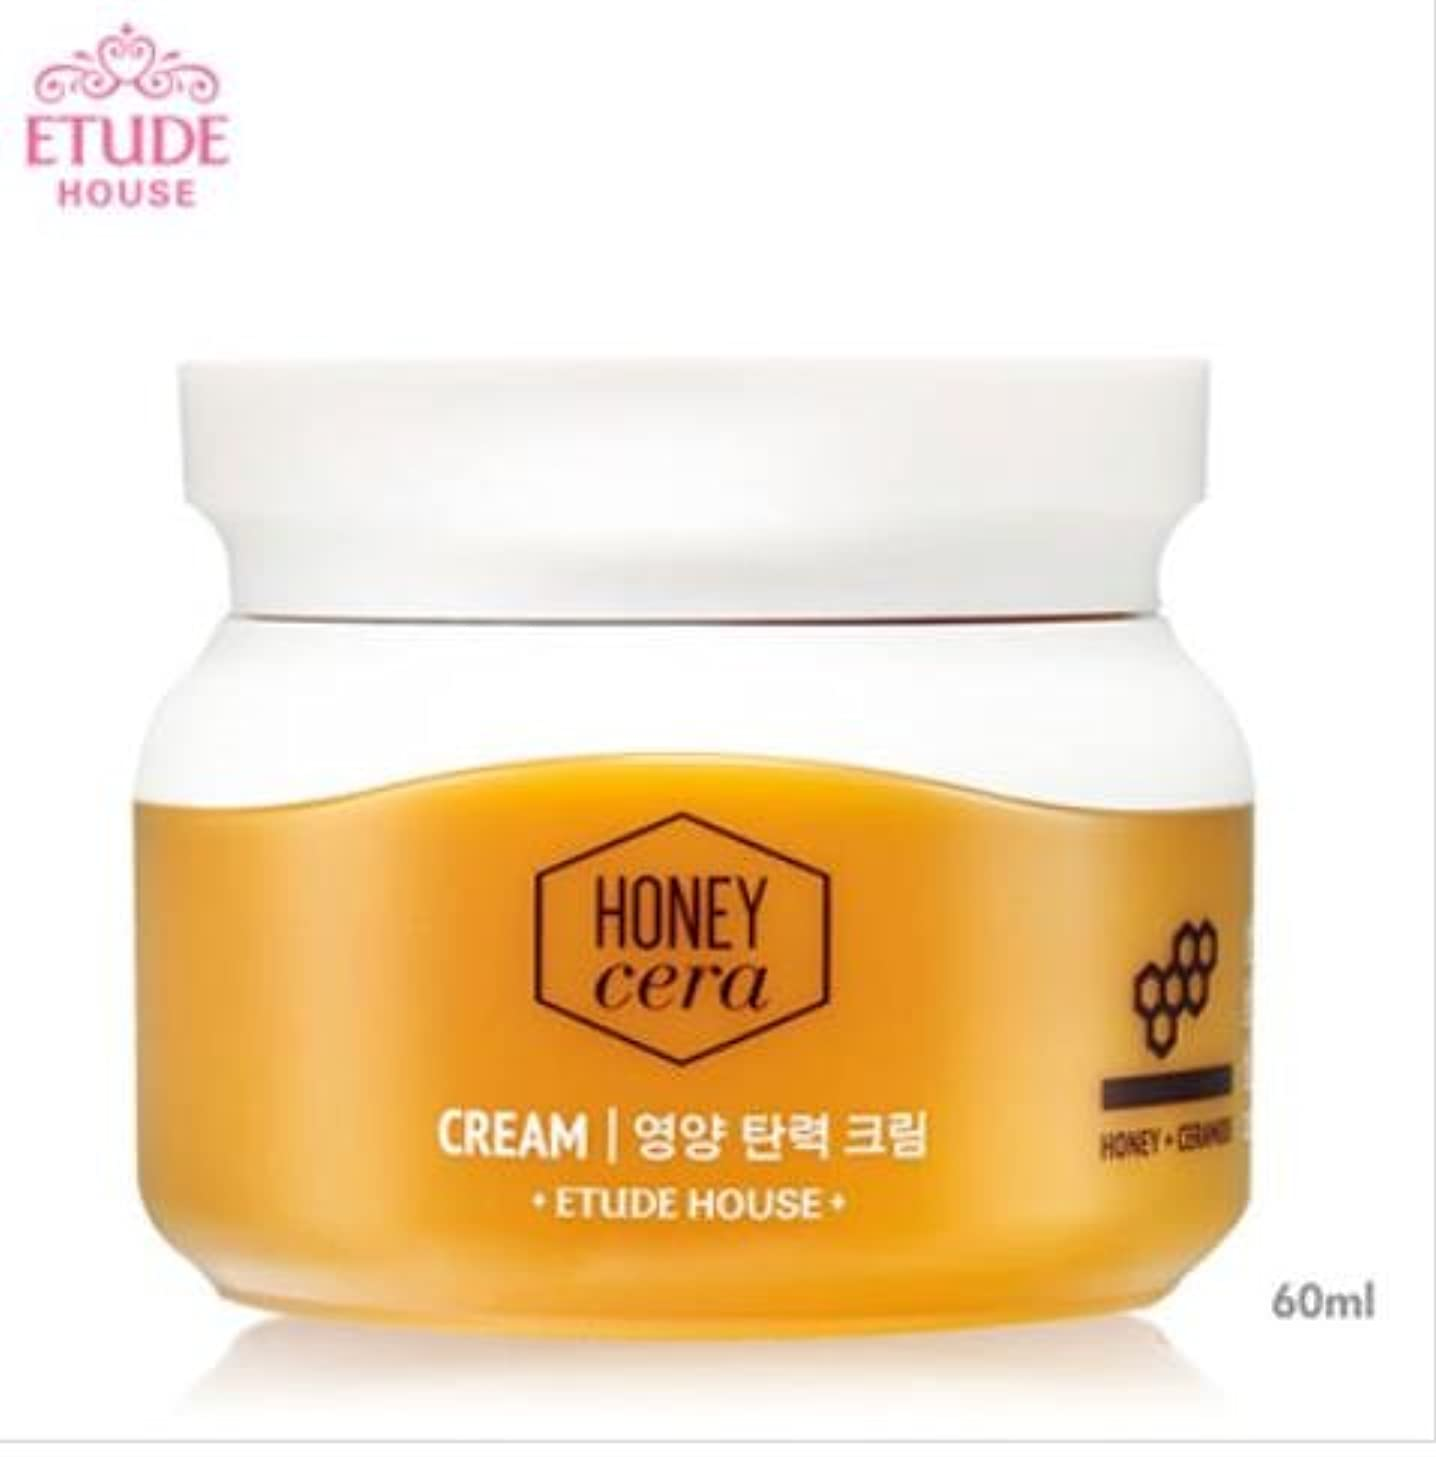 製造業従者獲物[エチュードハウス] ETUDE HOUSE [ハニーセラ 栄養弾力 クリーム 60ml](Honey Sarah nutrition elastic Cream 60ml) [並行輸入品]